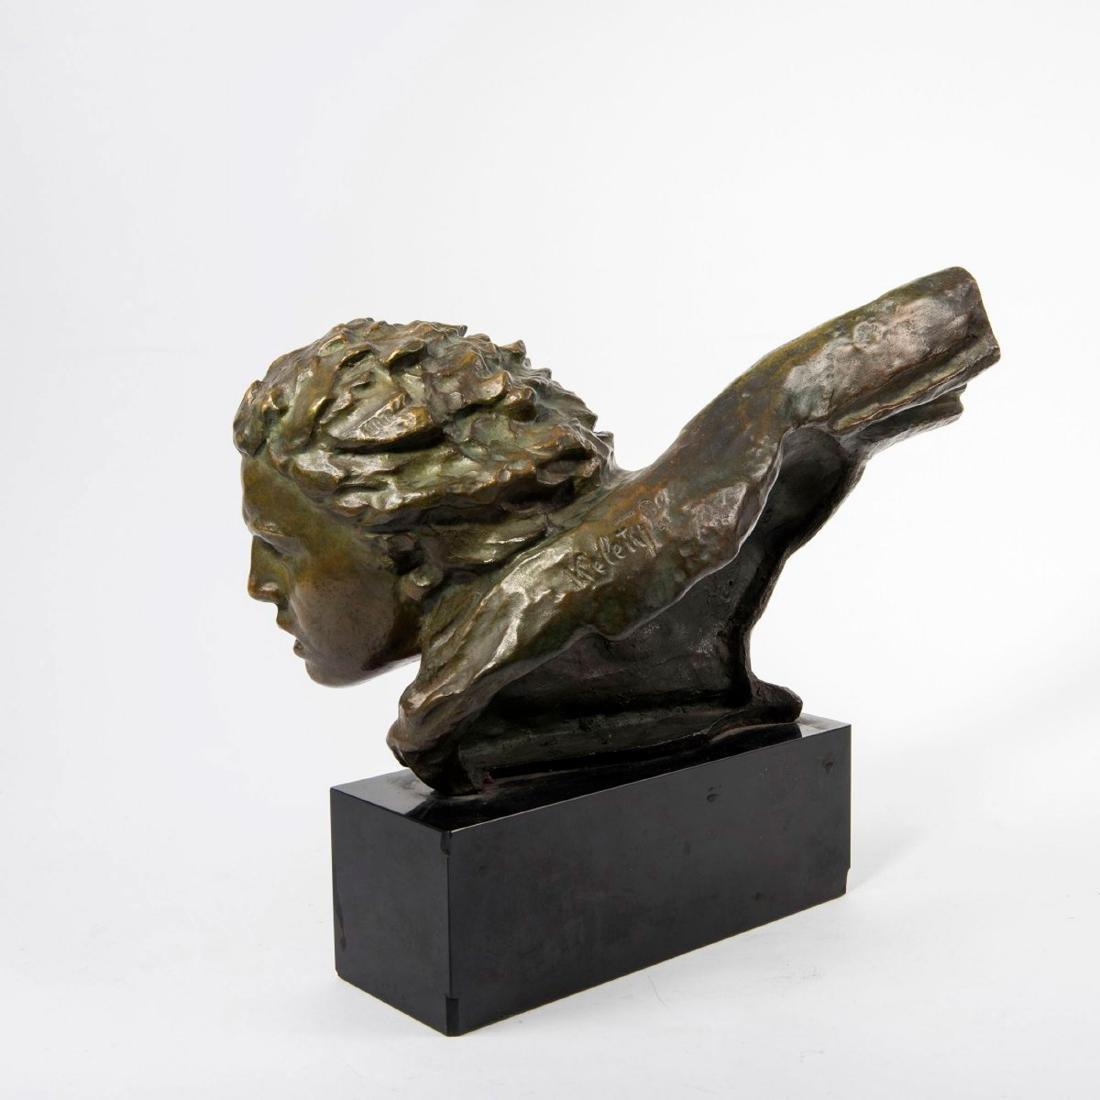 'Mermoz', c. 1930 - 3